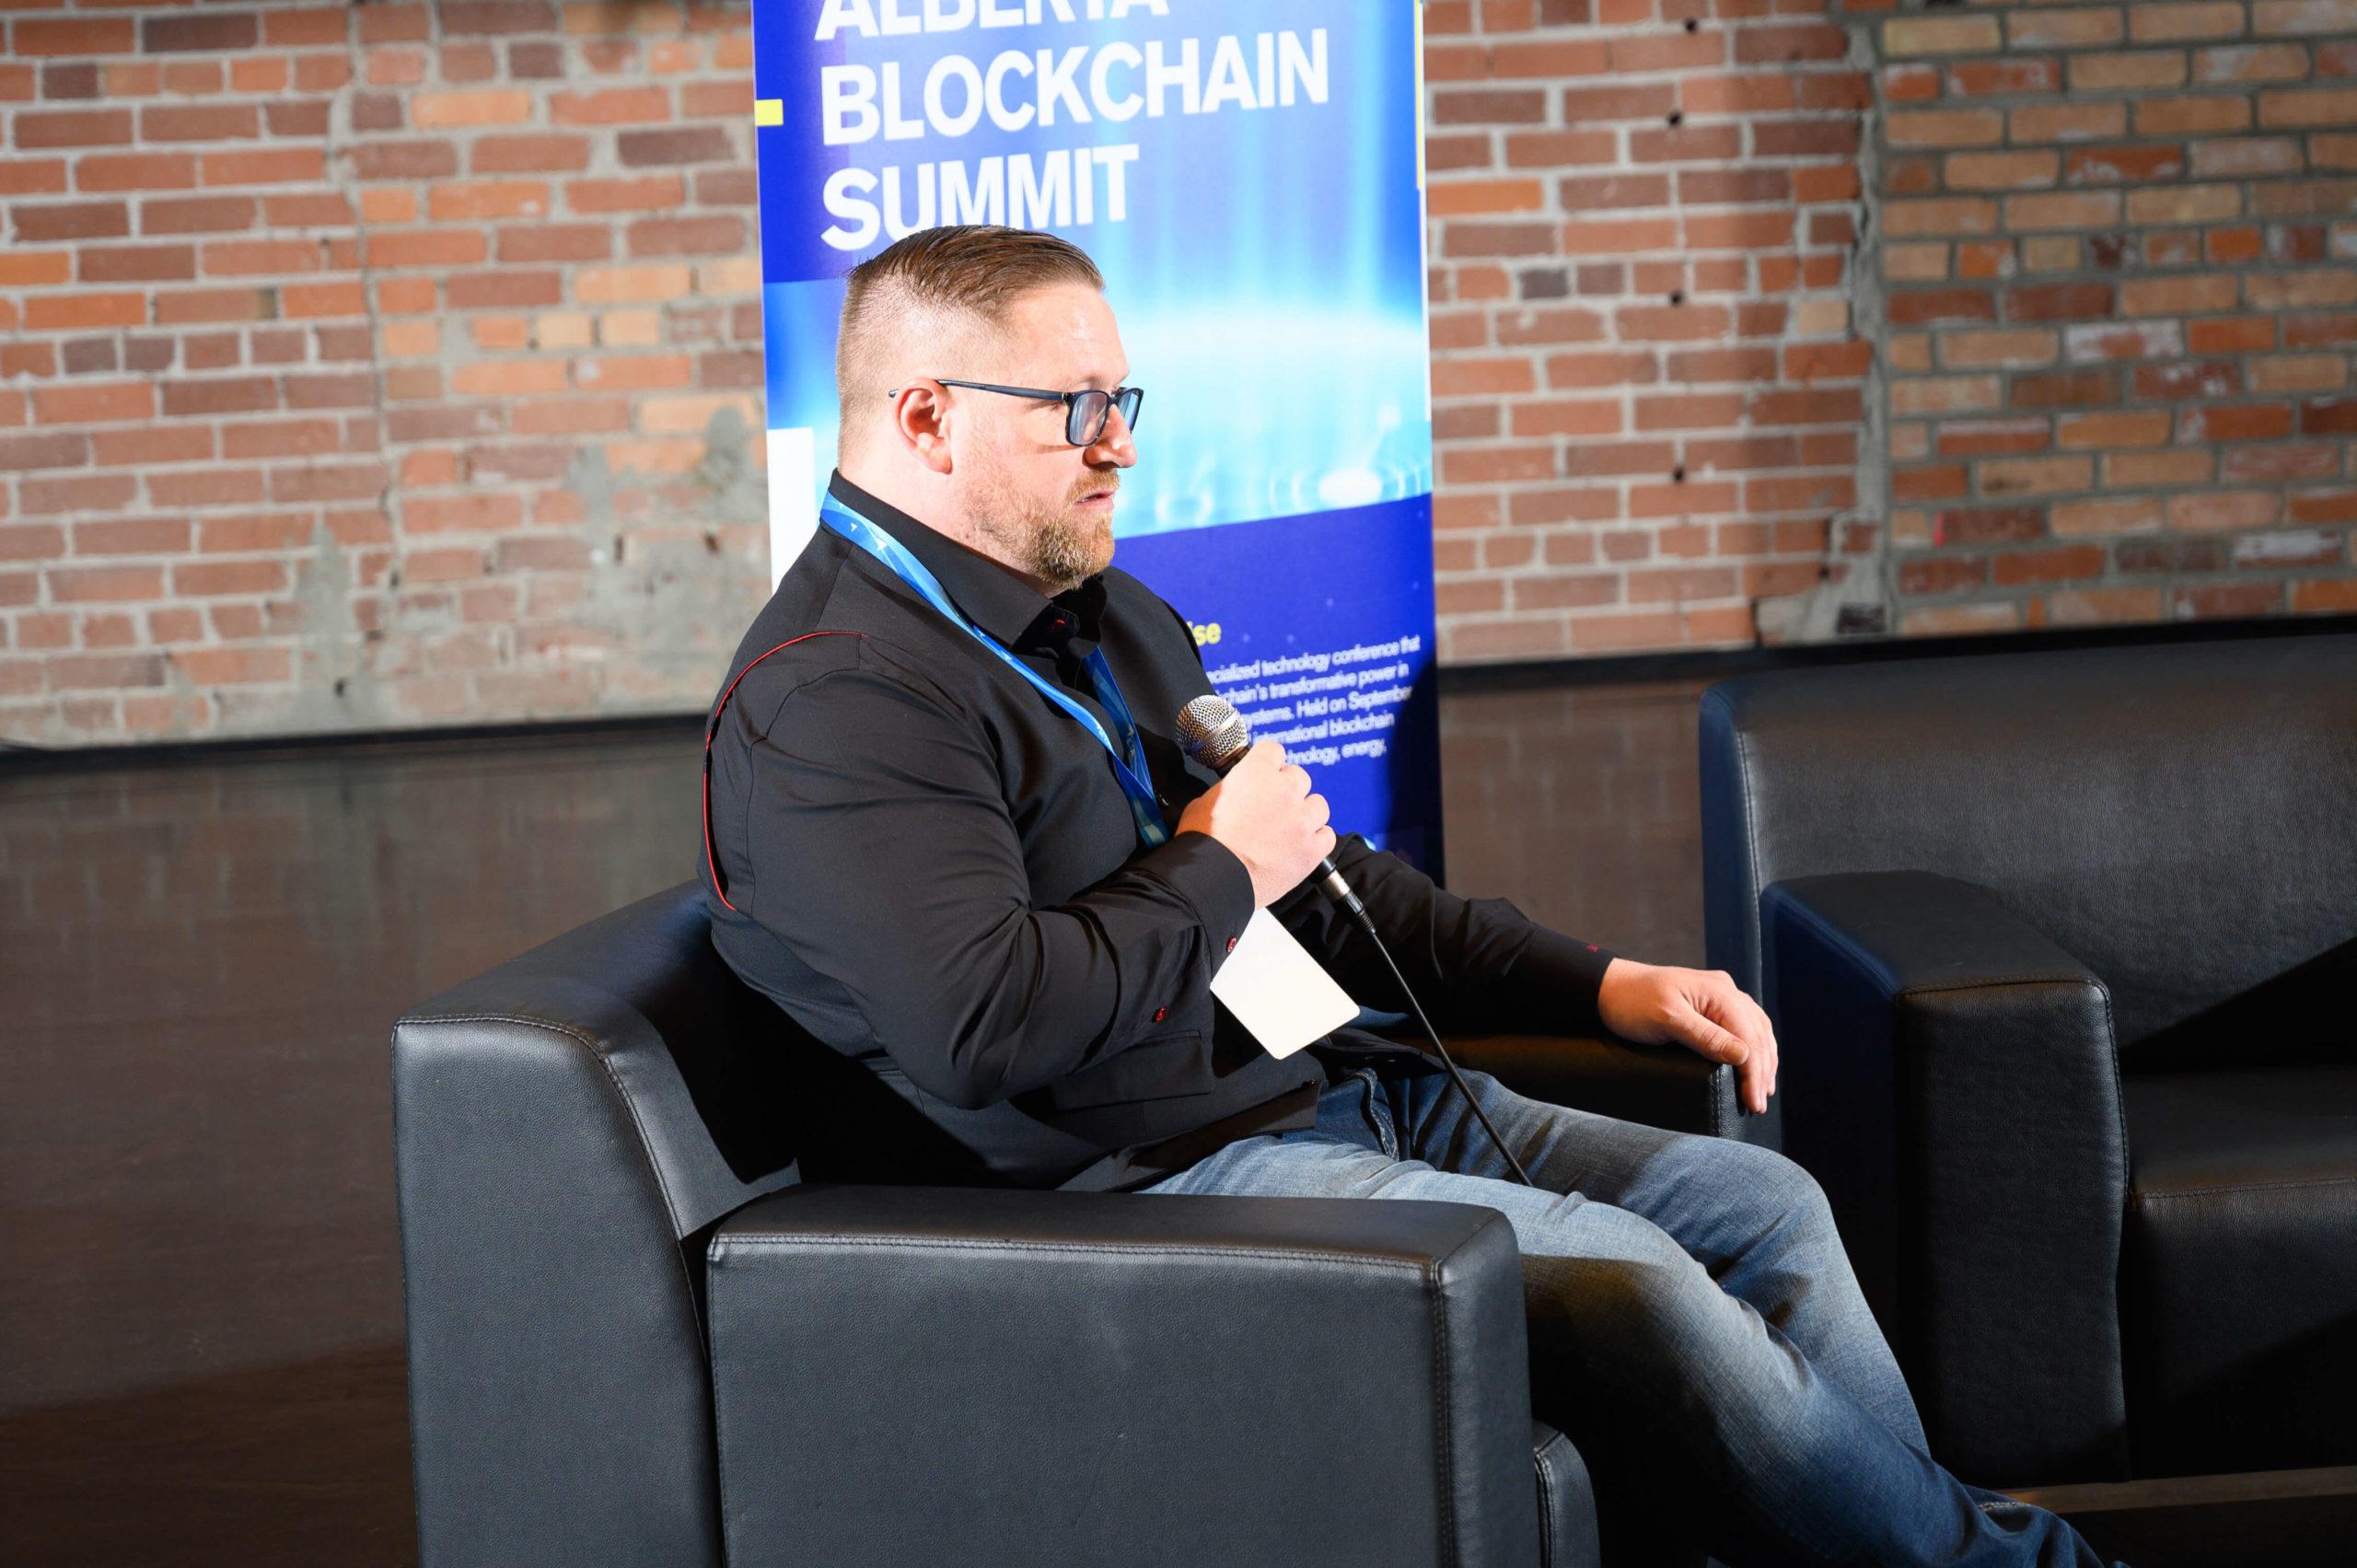 Alberta Blockchain Summit – September 12th, 2019